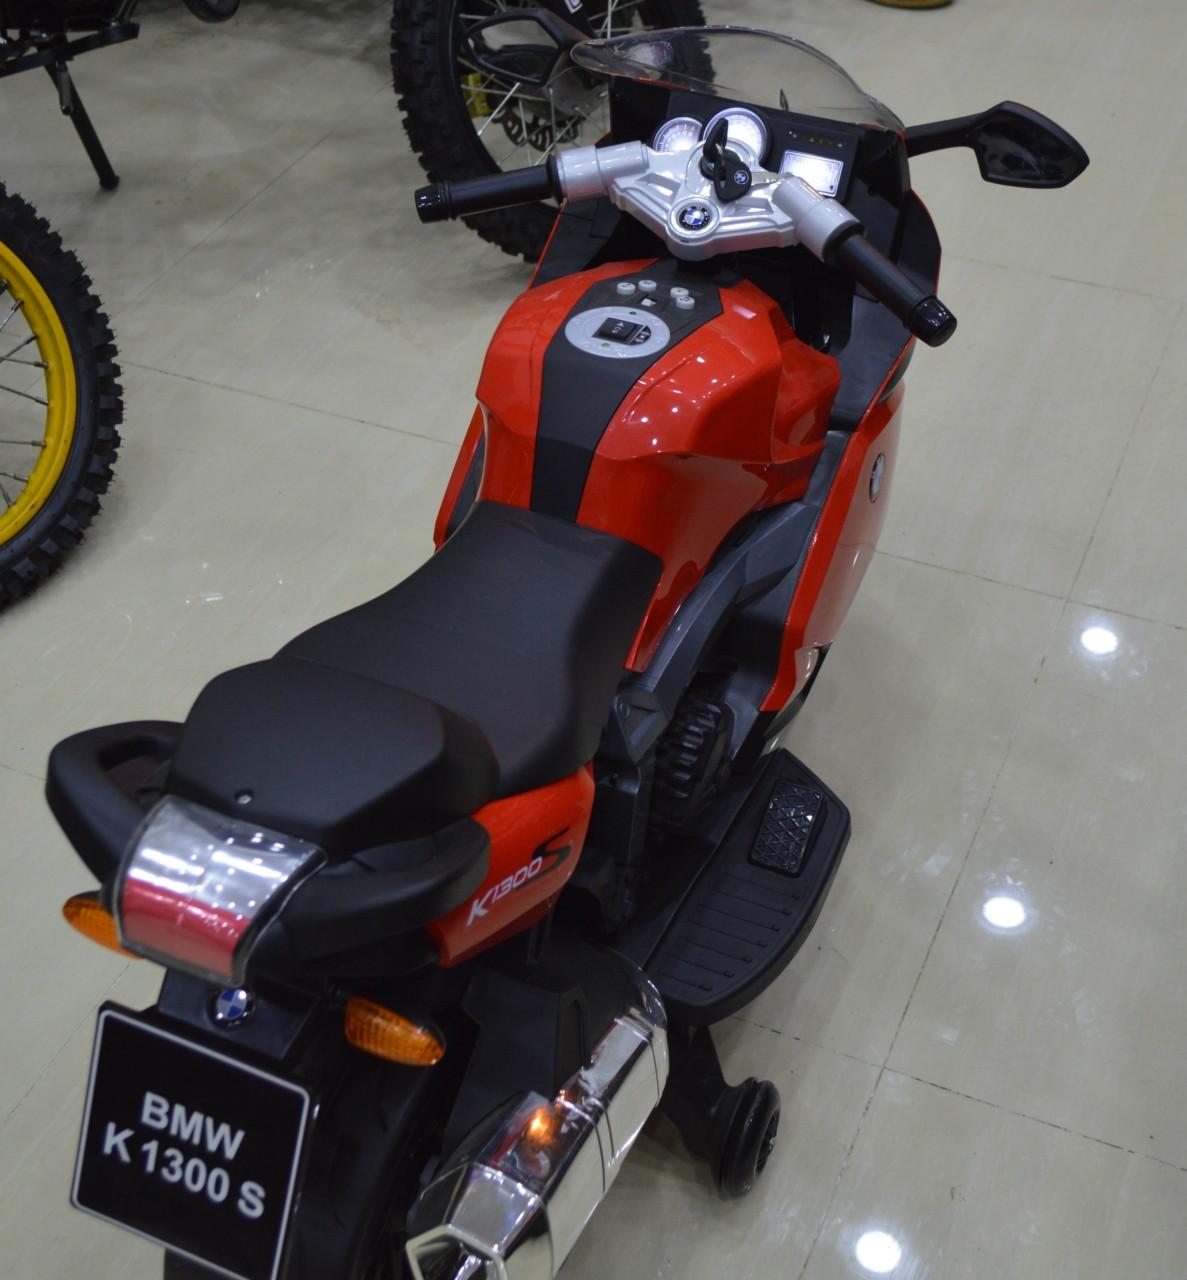 Kids Mini Heavy Bike Bmw K 1300 S Best Retail Price In Pa